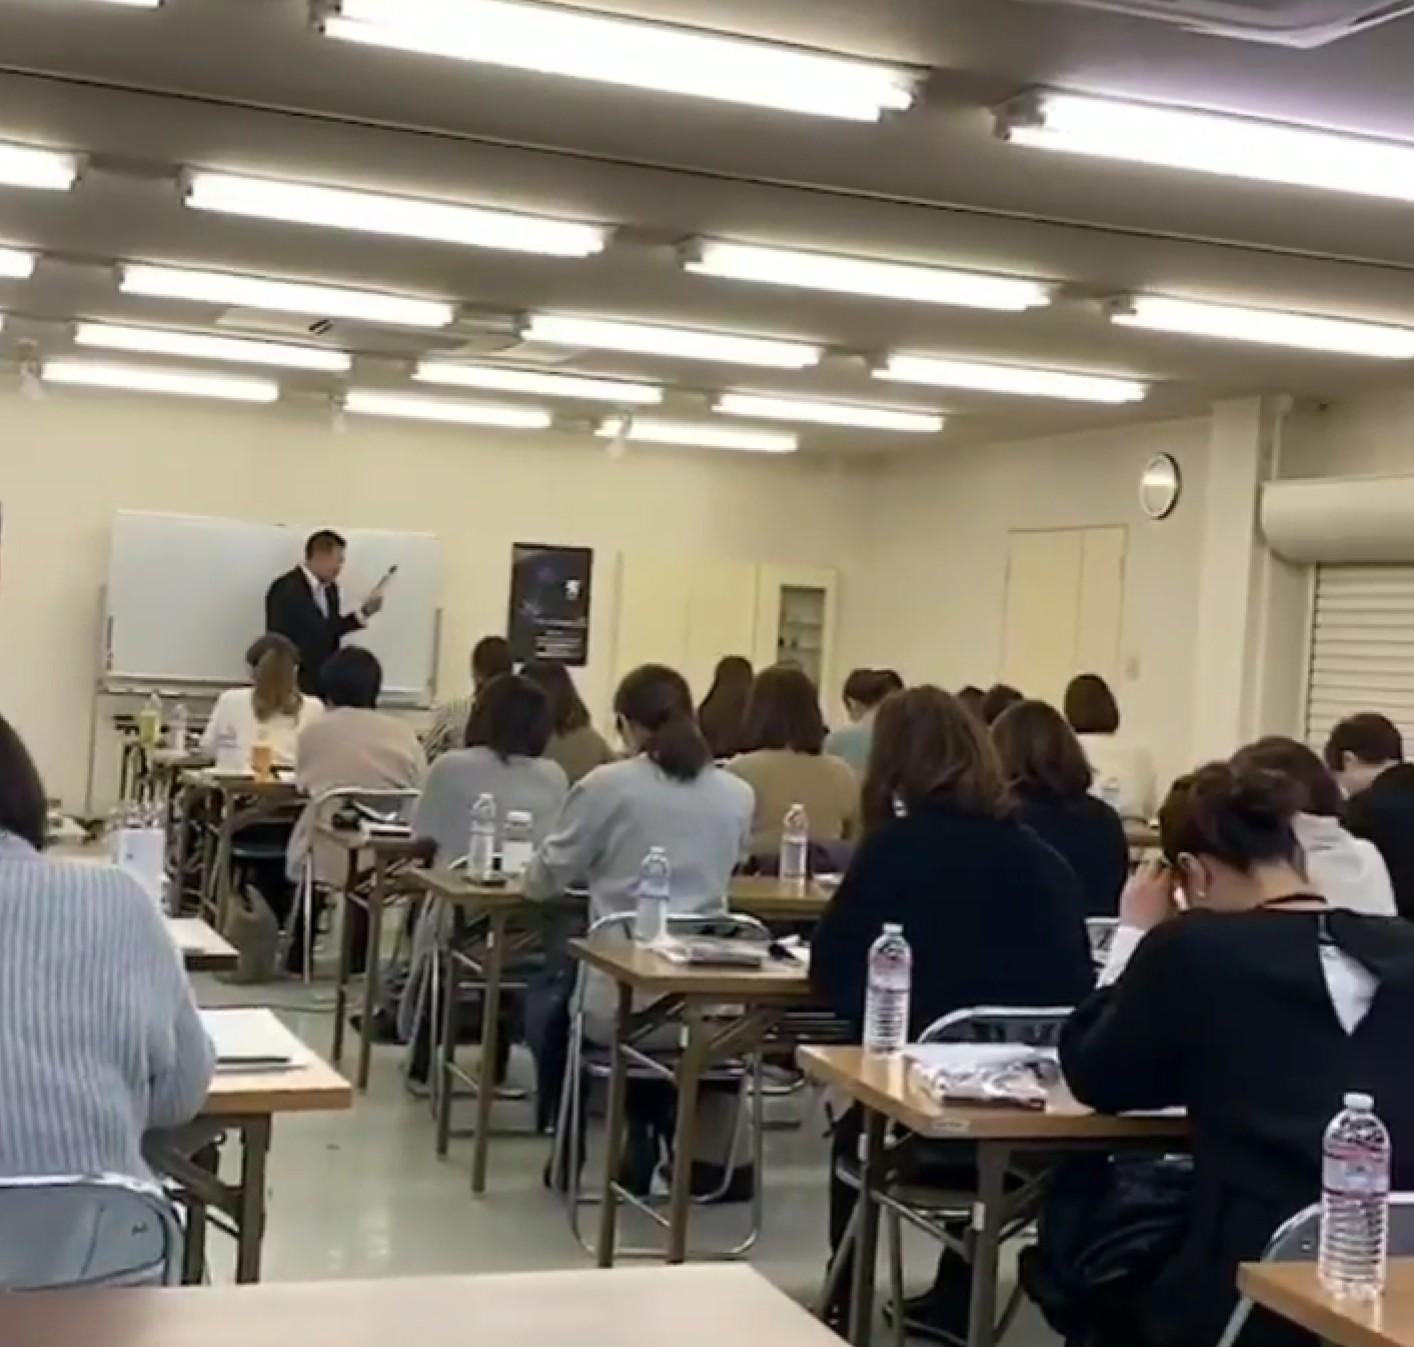 【満員御礼】リアボーテグランスキン講習会in金沢